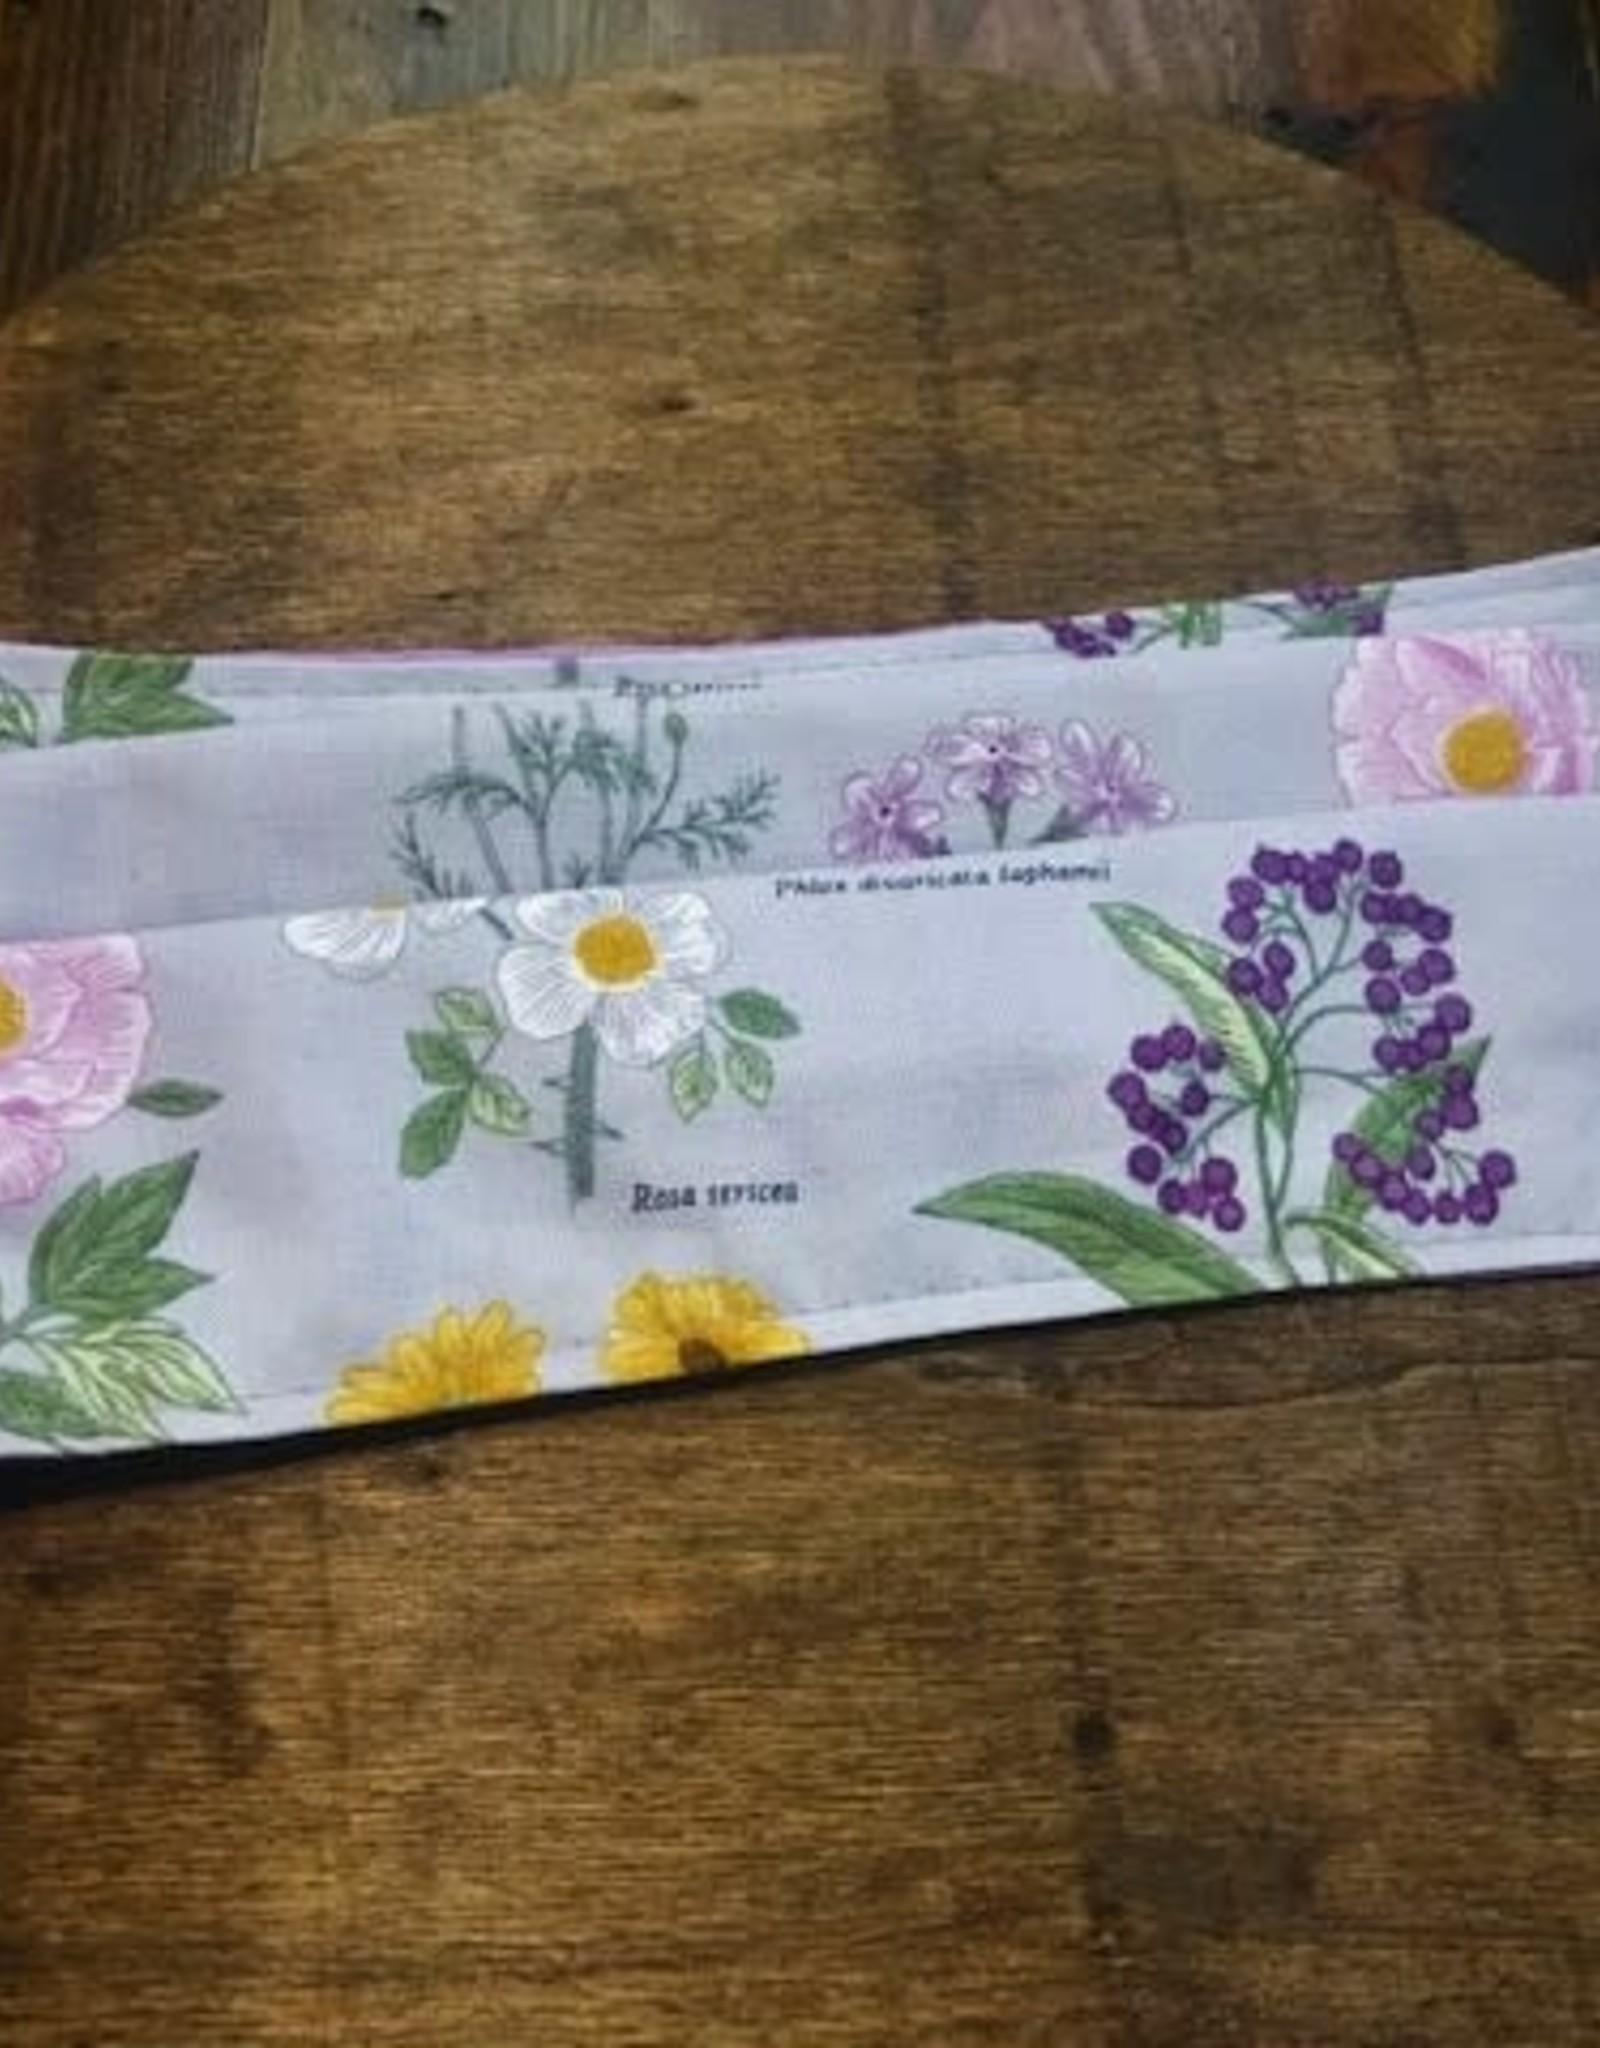 Bear Den Handmade Cotton Mask - Flowers on Lavender